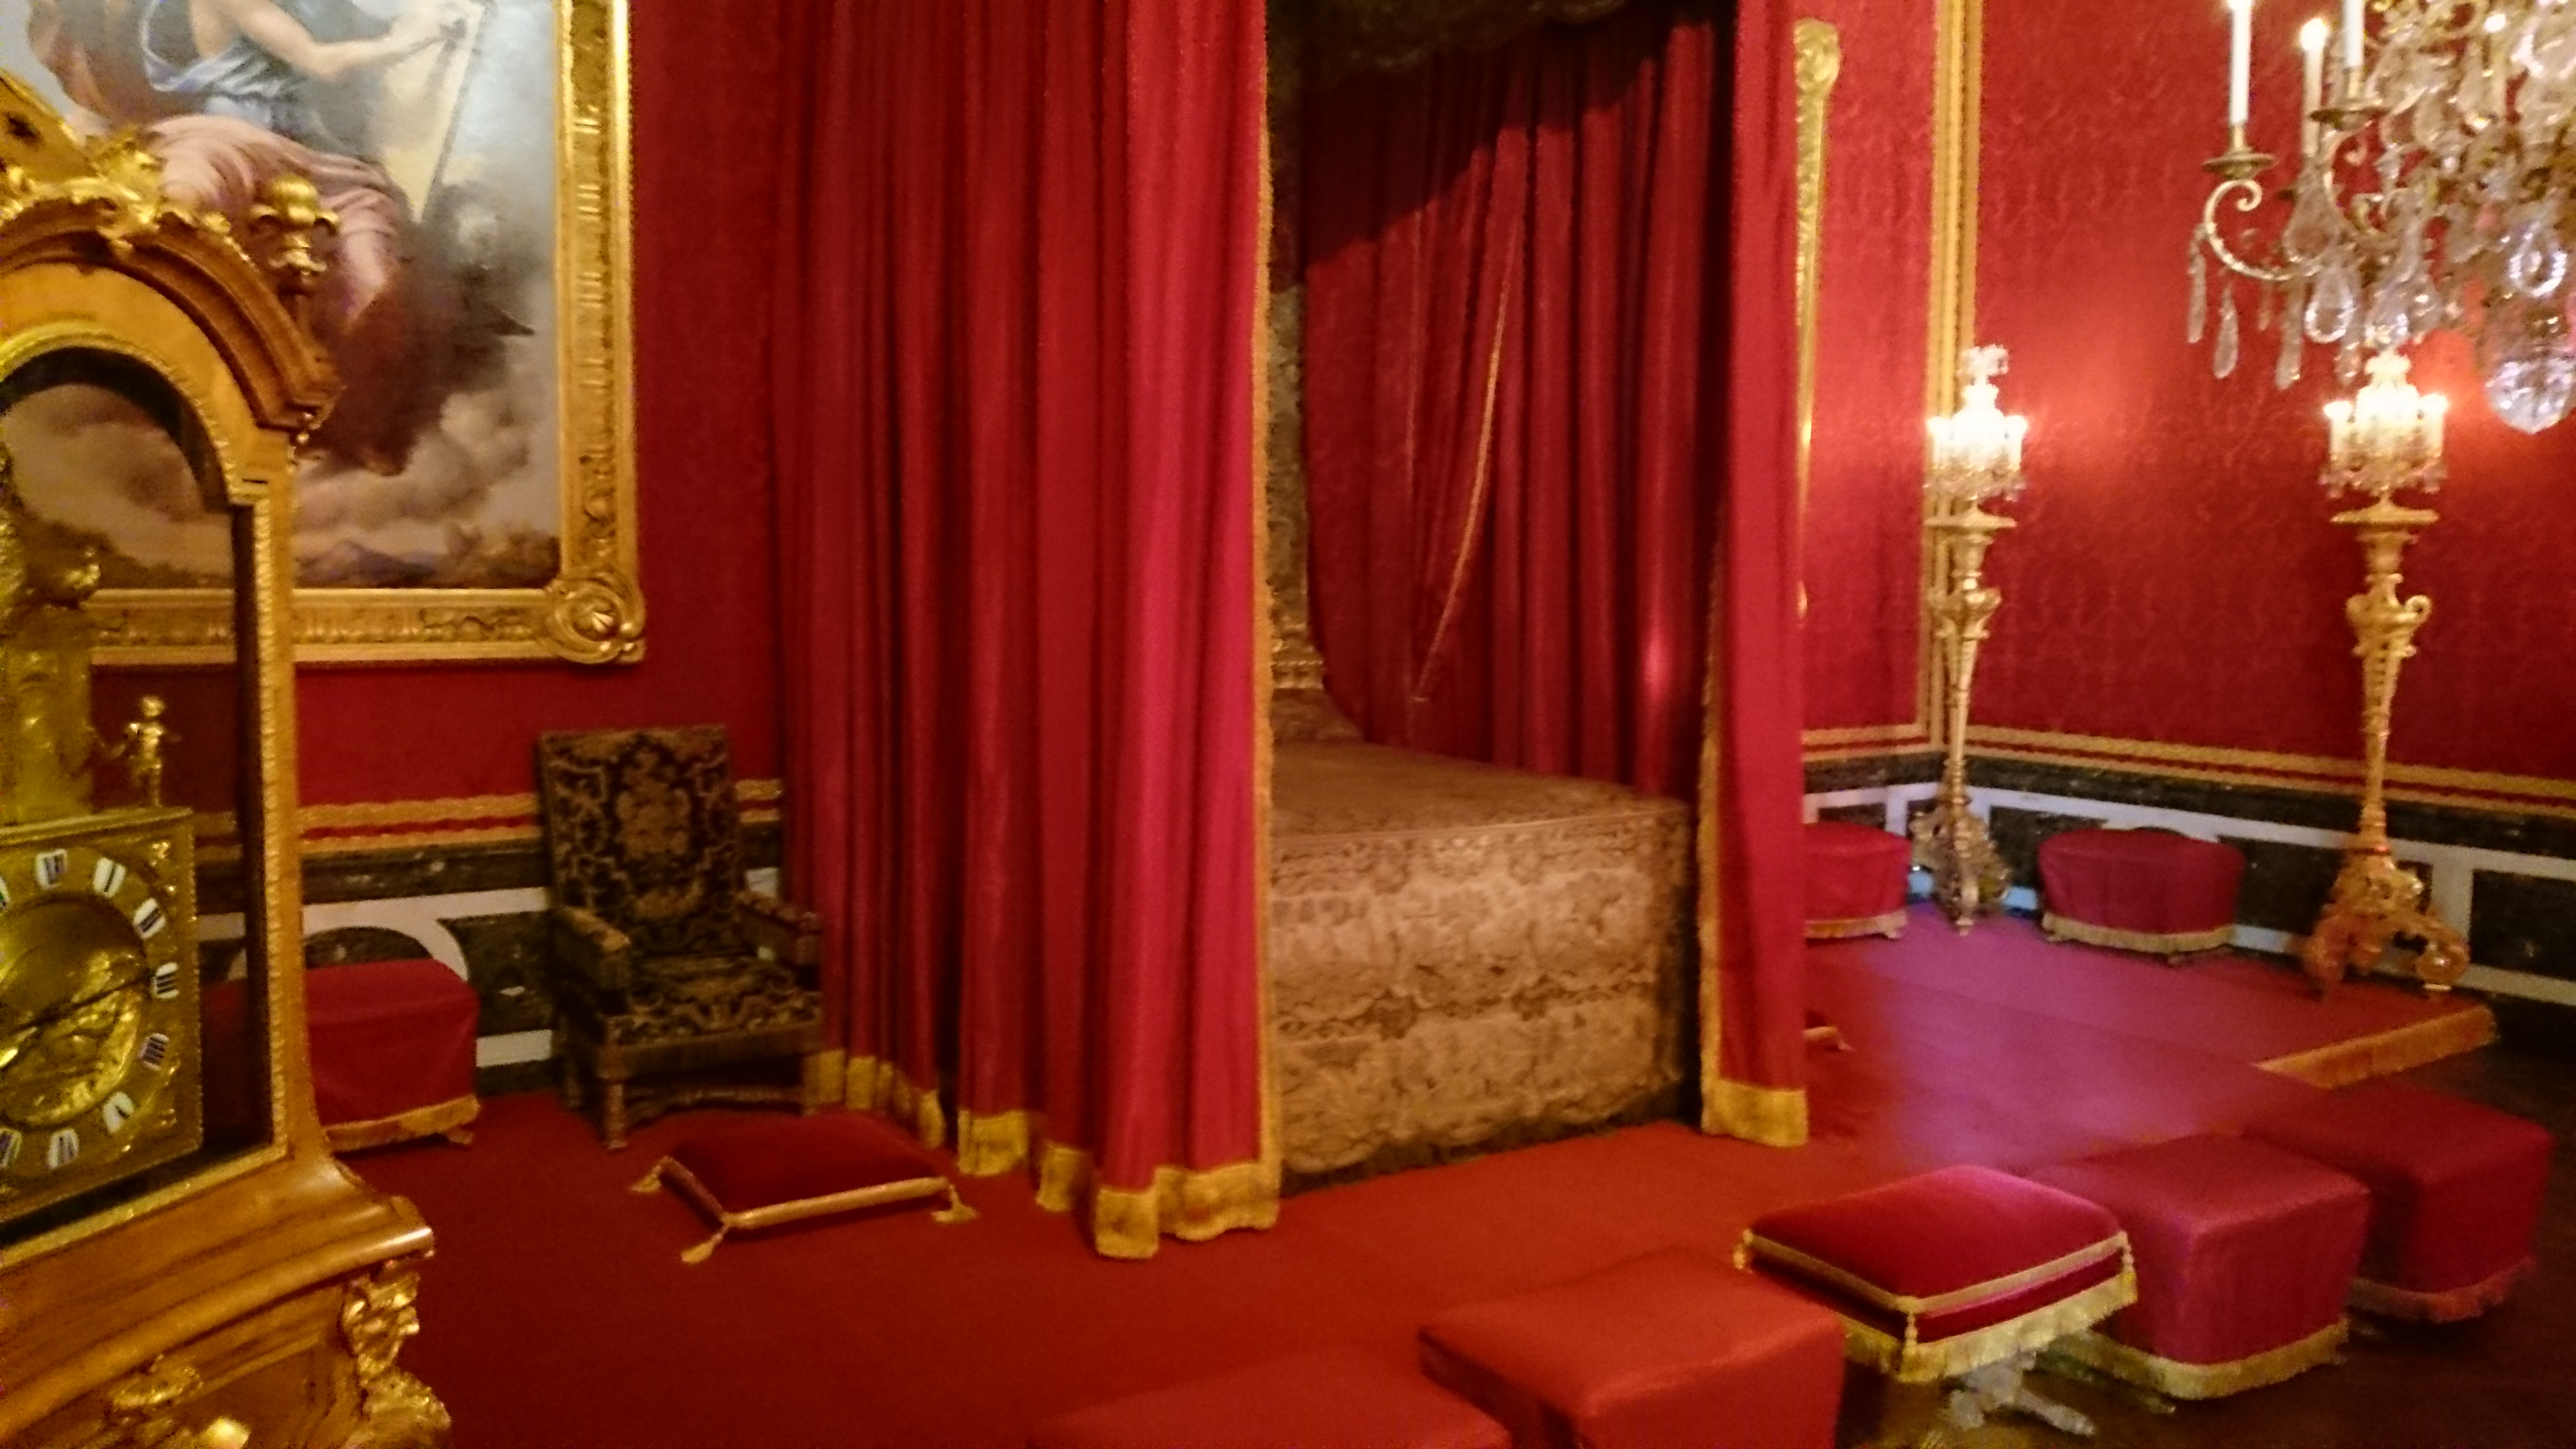 dsc 13511 - Visita al Palacio de Versalles: Como ir, cuanto cuesta y tips III/III